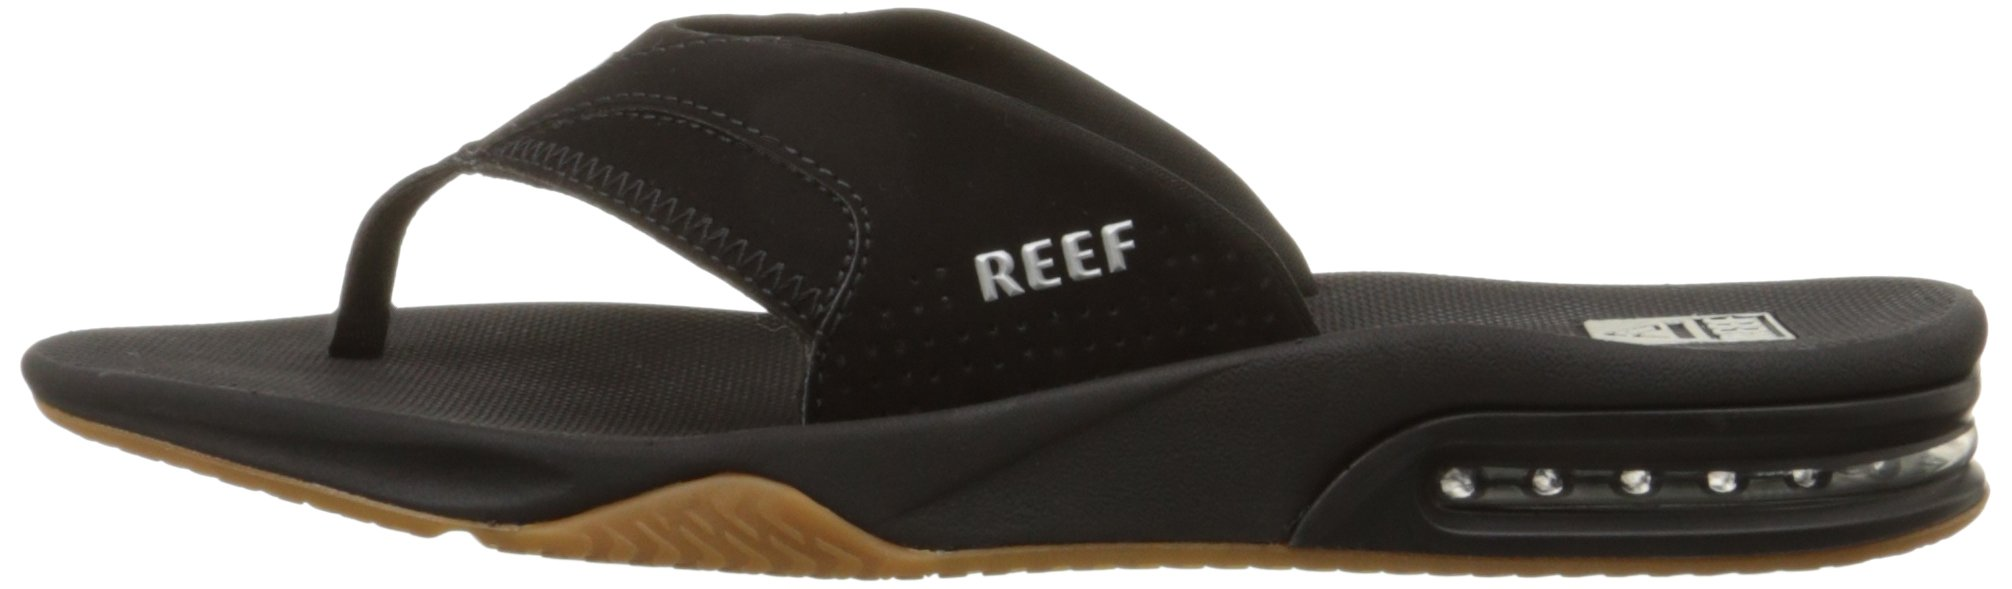 Reef Fanning Mens Sandals Bottle Opener Flip Flops for Men,Black/Silver,12 M US by Reef (Image #5)